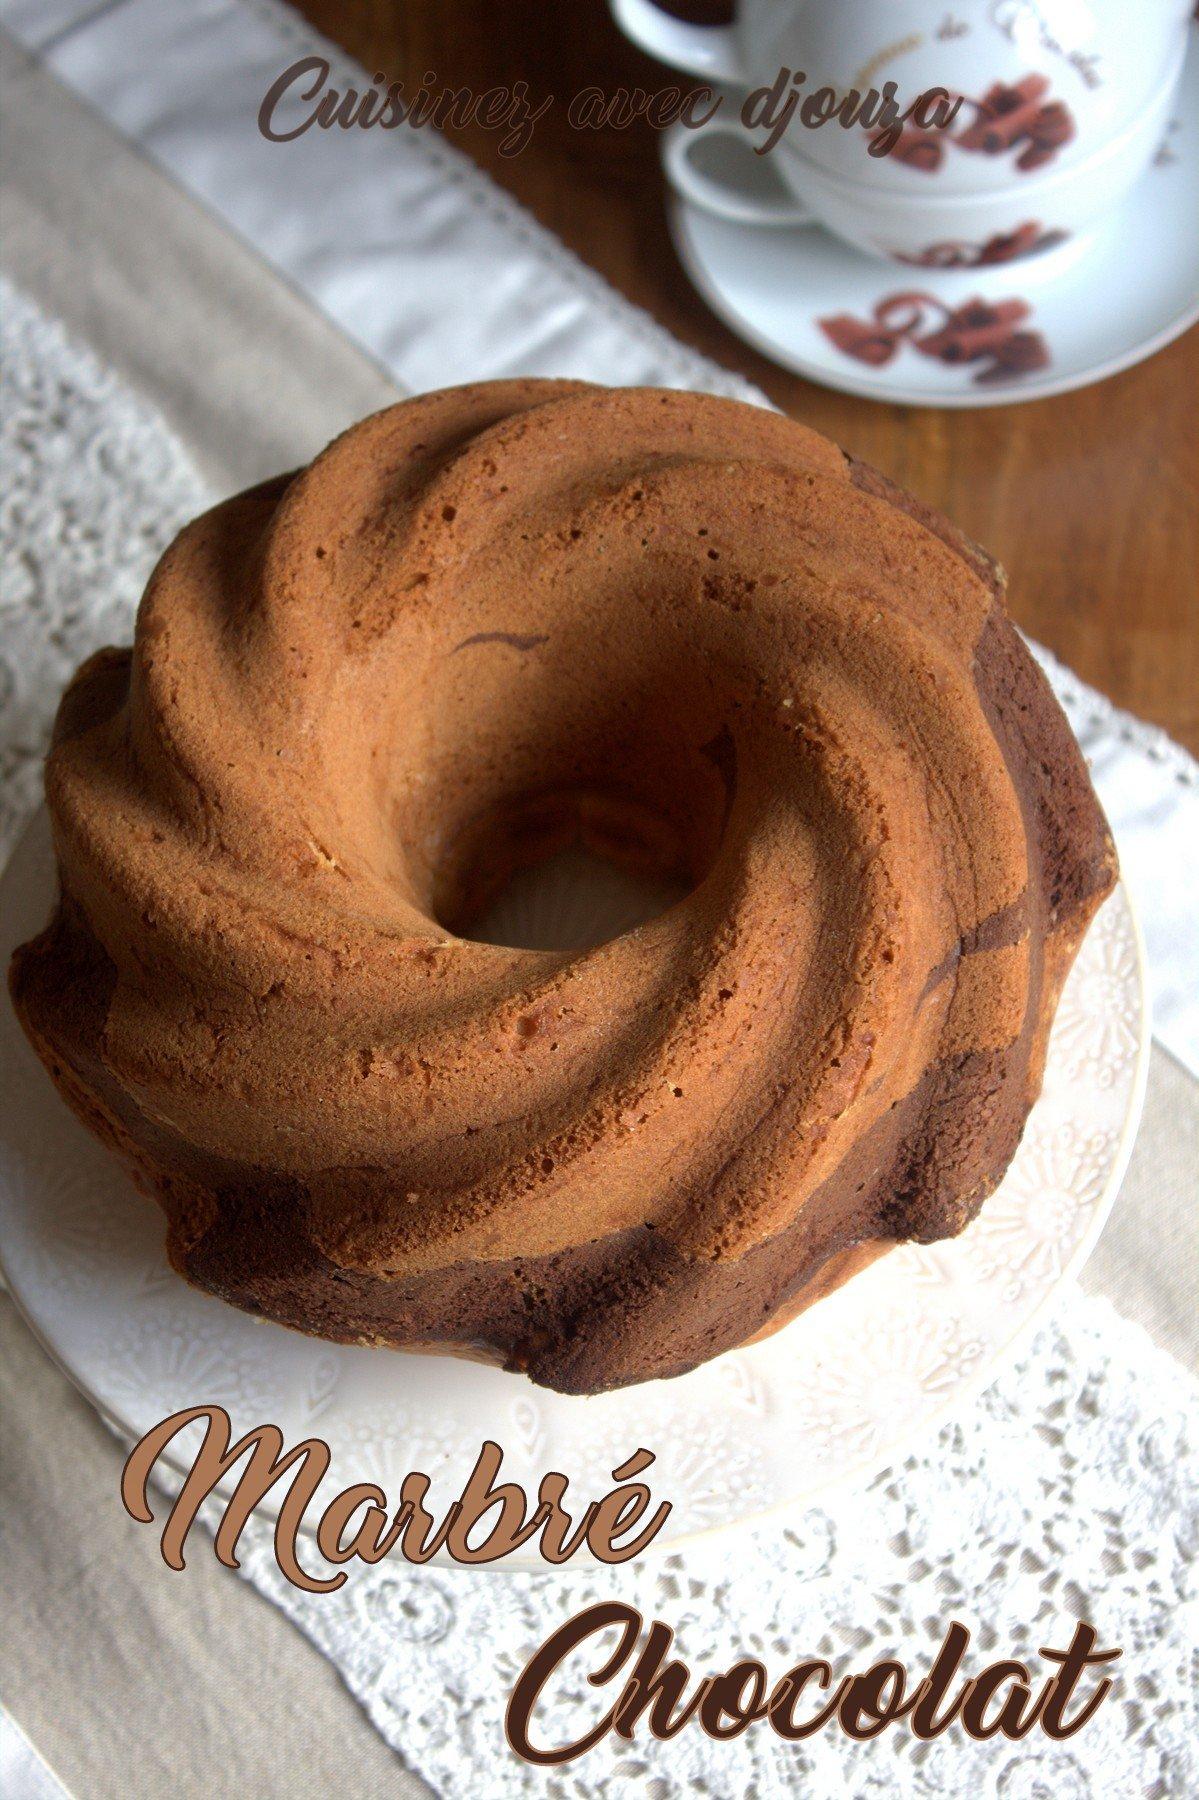 Recette gateau marbré chocolat